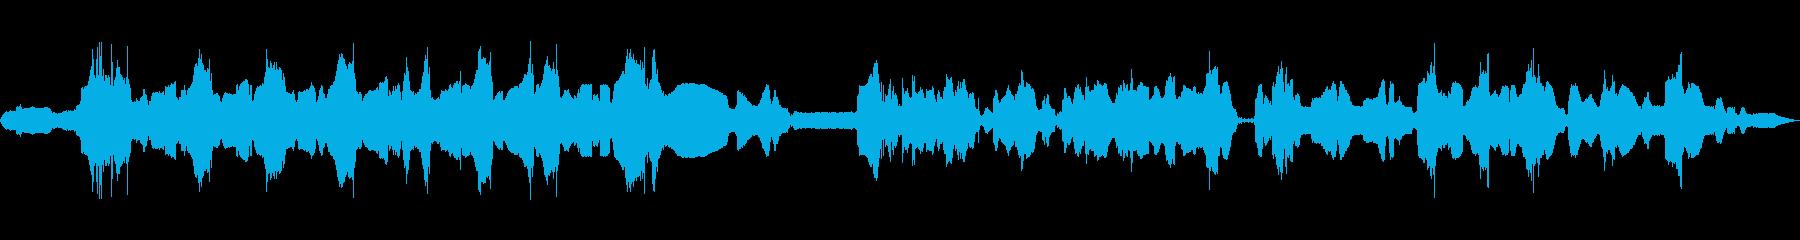 Eclipseオンボード-エンジン...の再生済みの波形